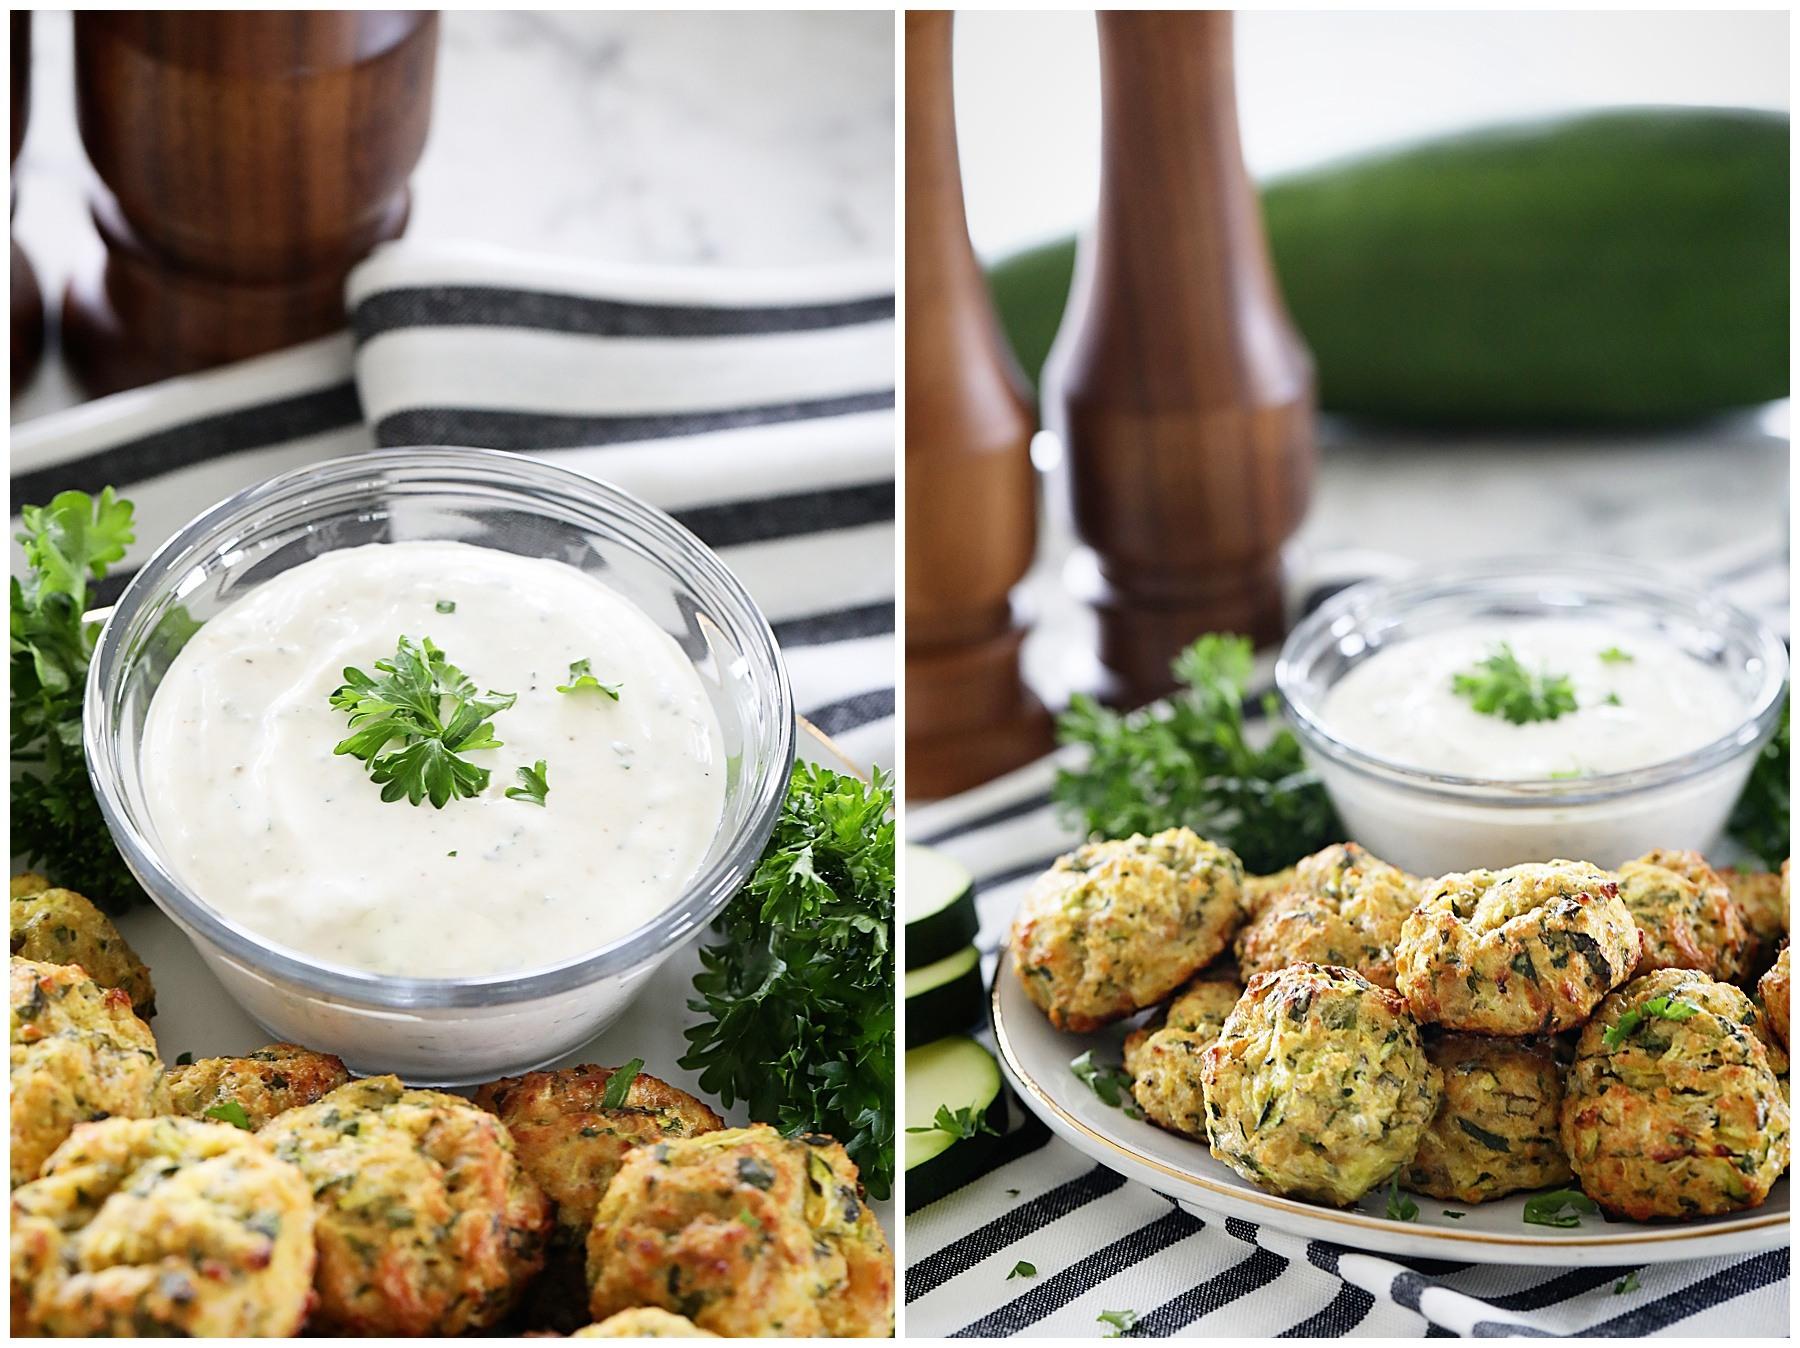 Zucchini Bites with cream garlic dip